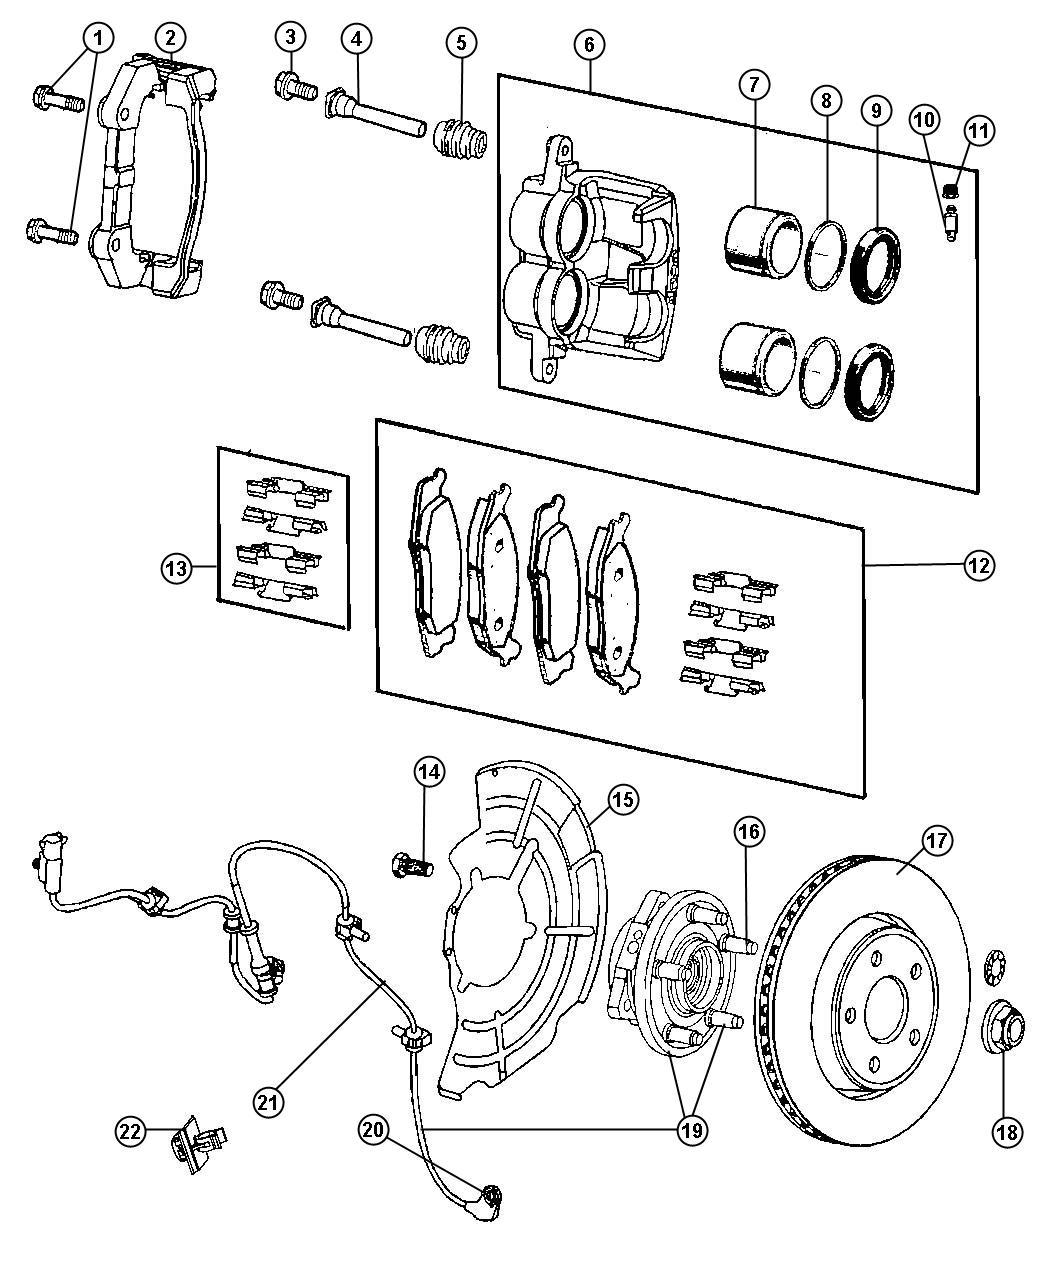 Ford Mustang Brake Caliper Diagram